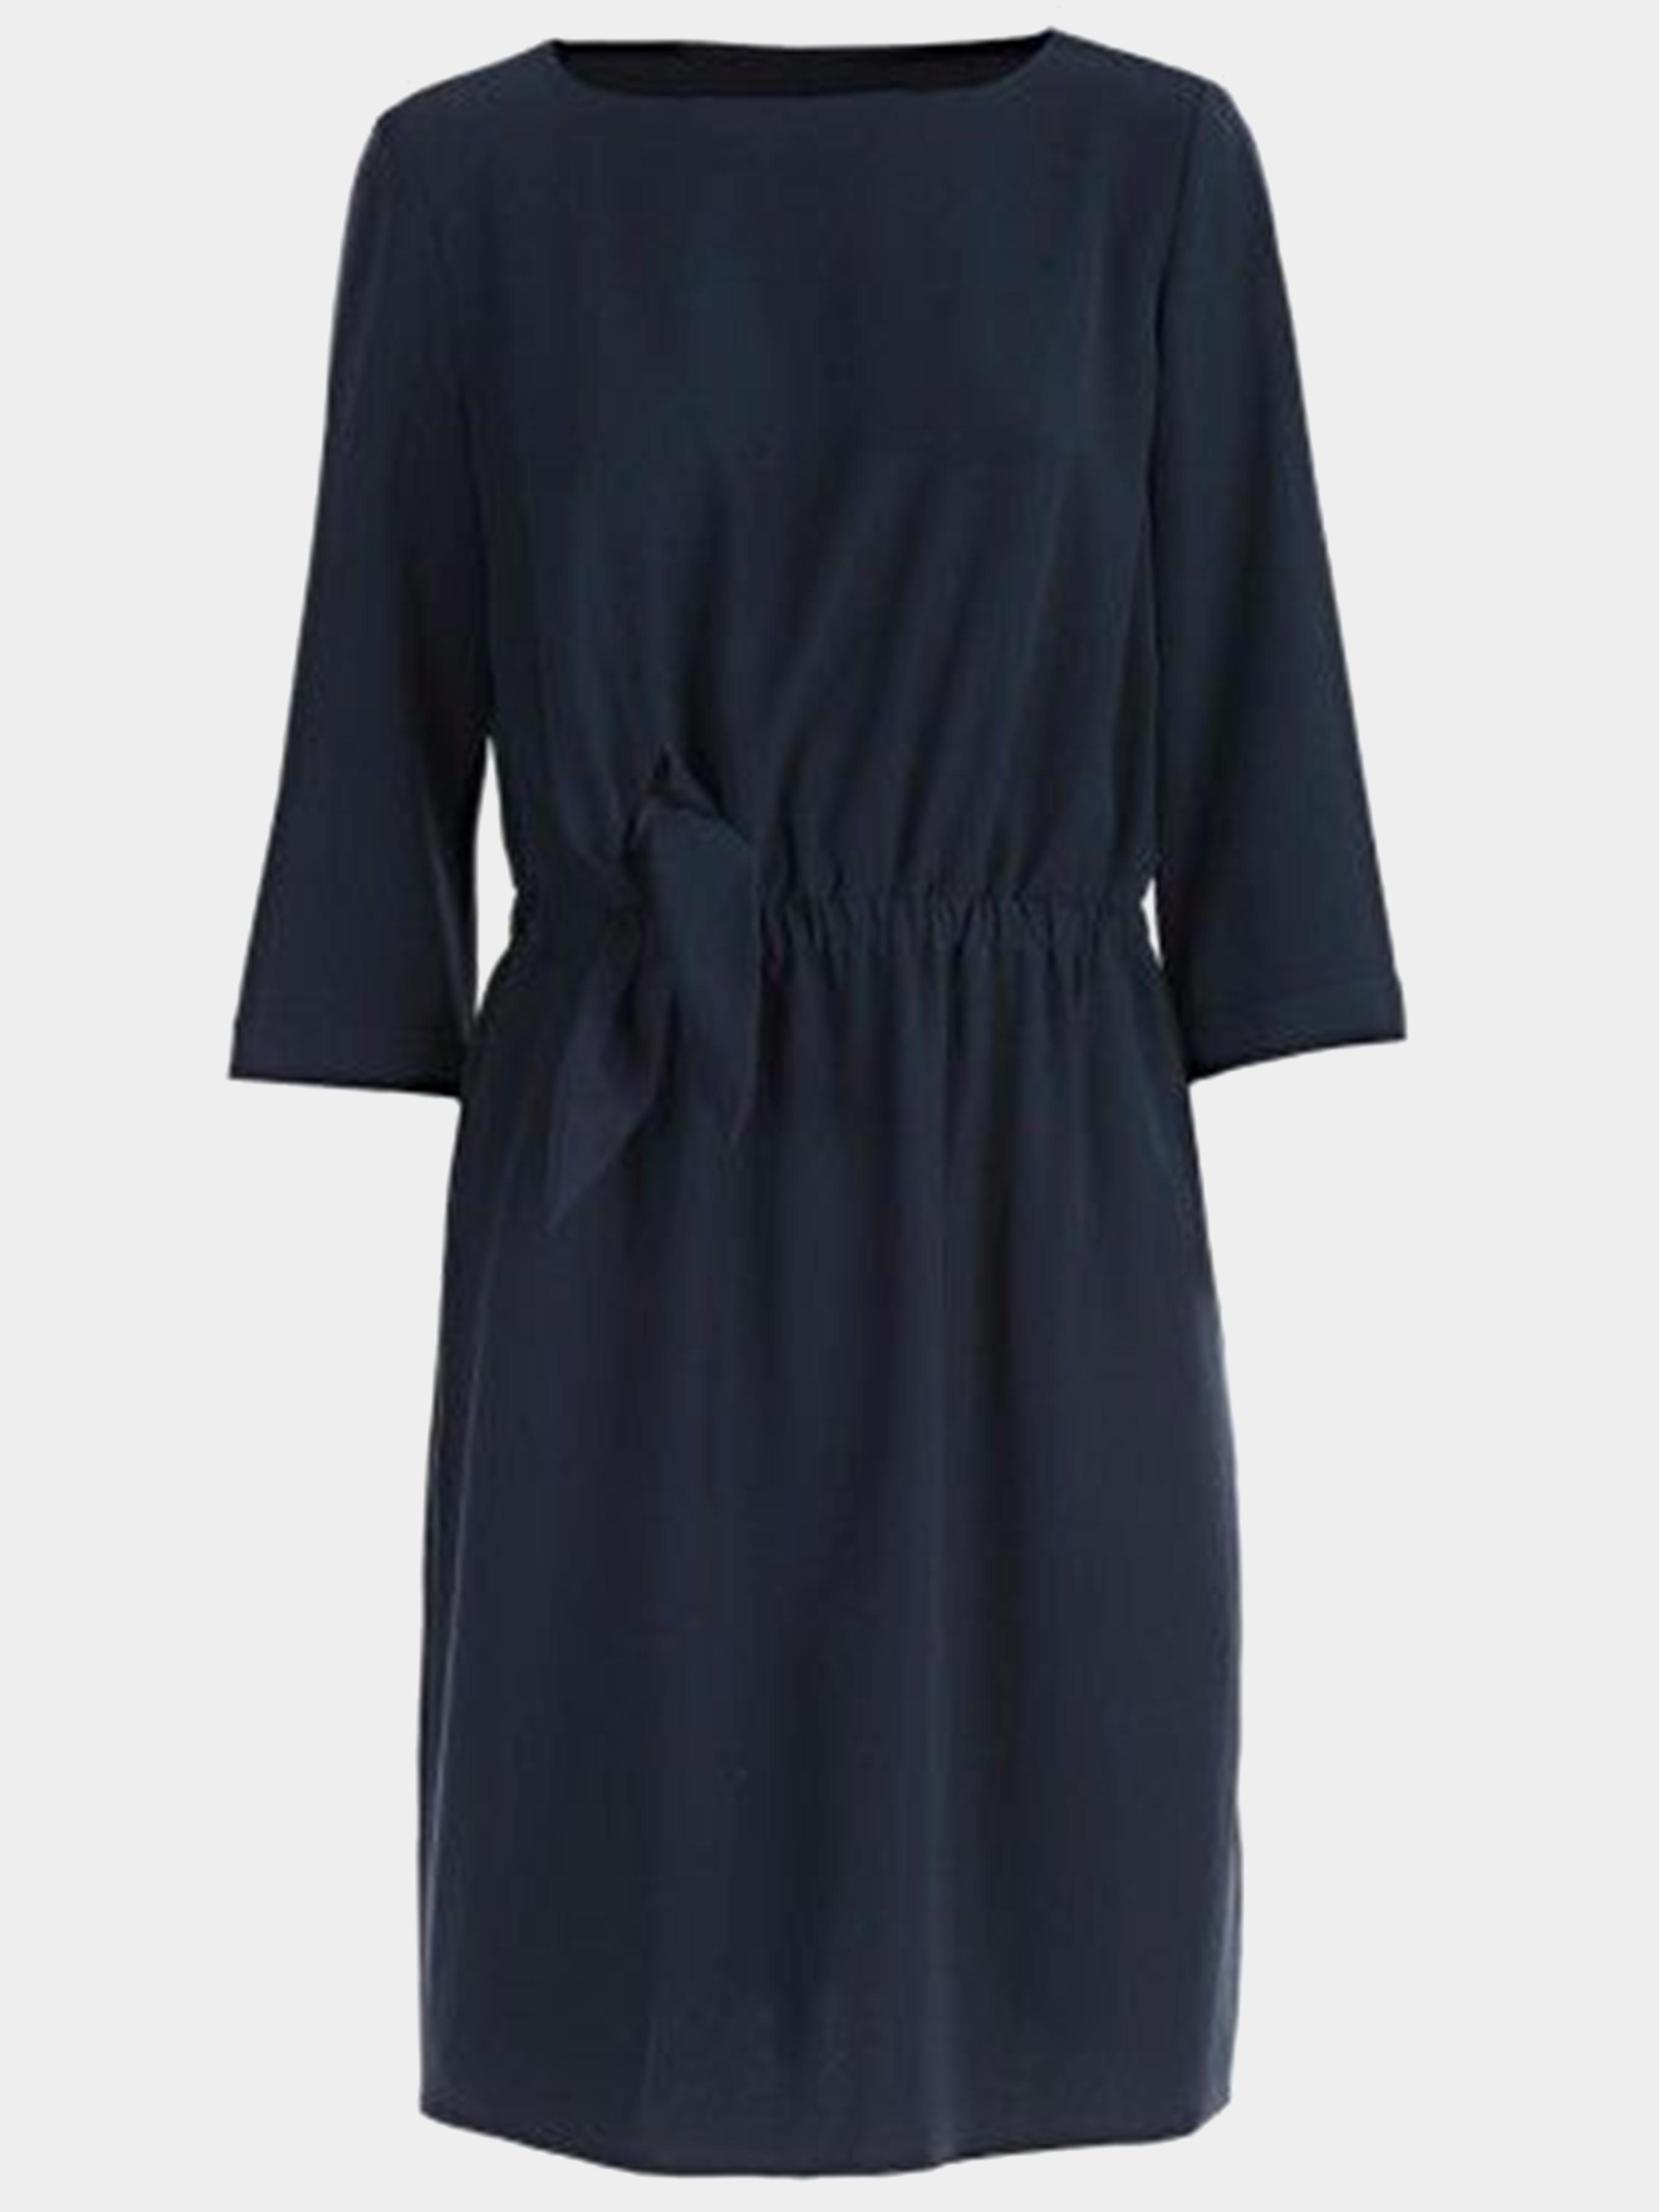 Купить Платье женские модель 5P91, Emporio Armani, Синий